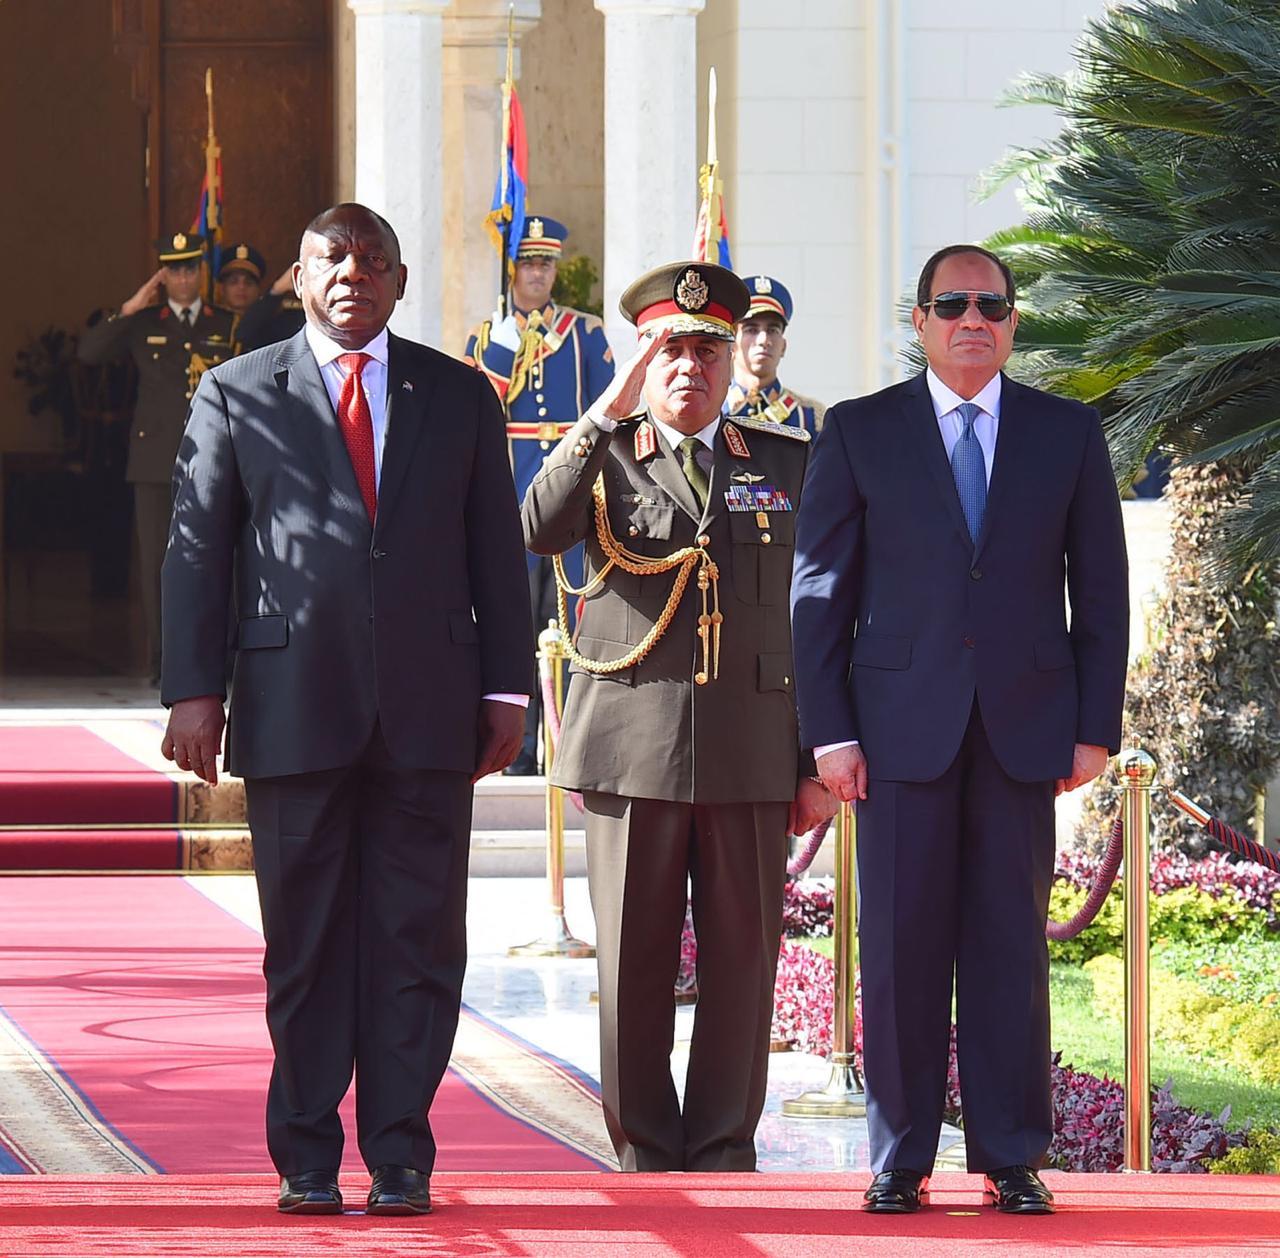 استقبال رئيس جنوب أفريقيا2